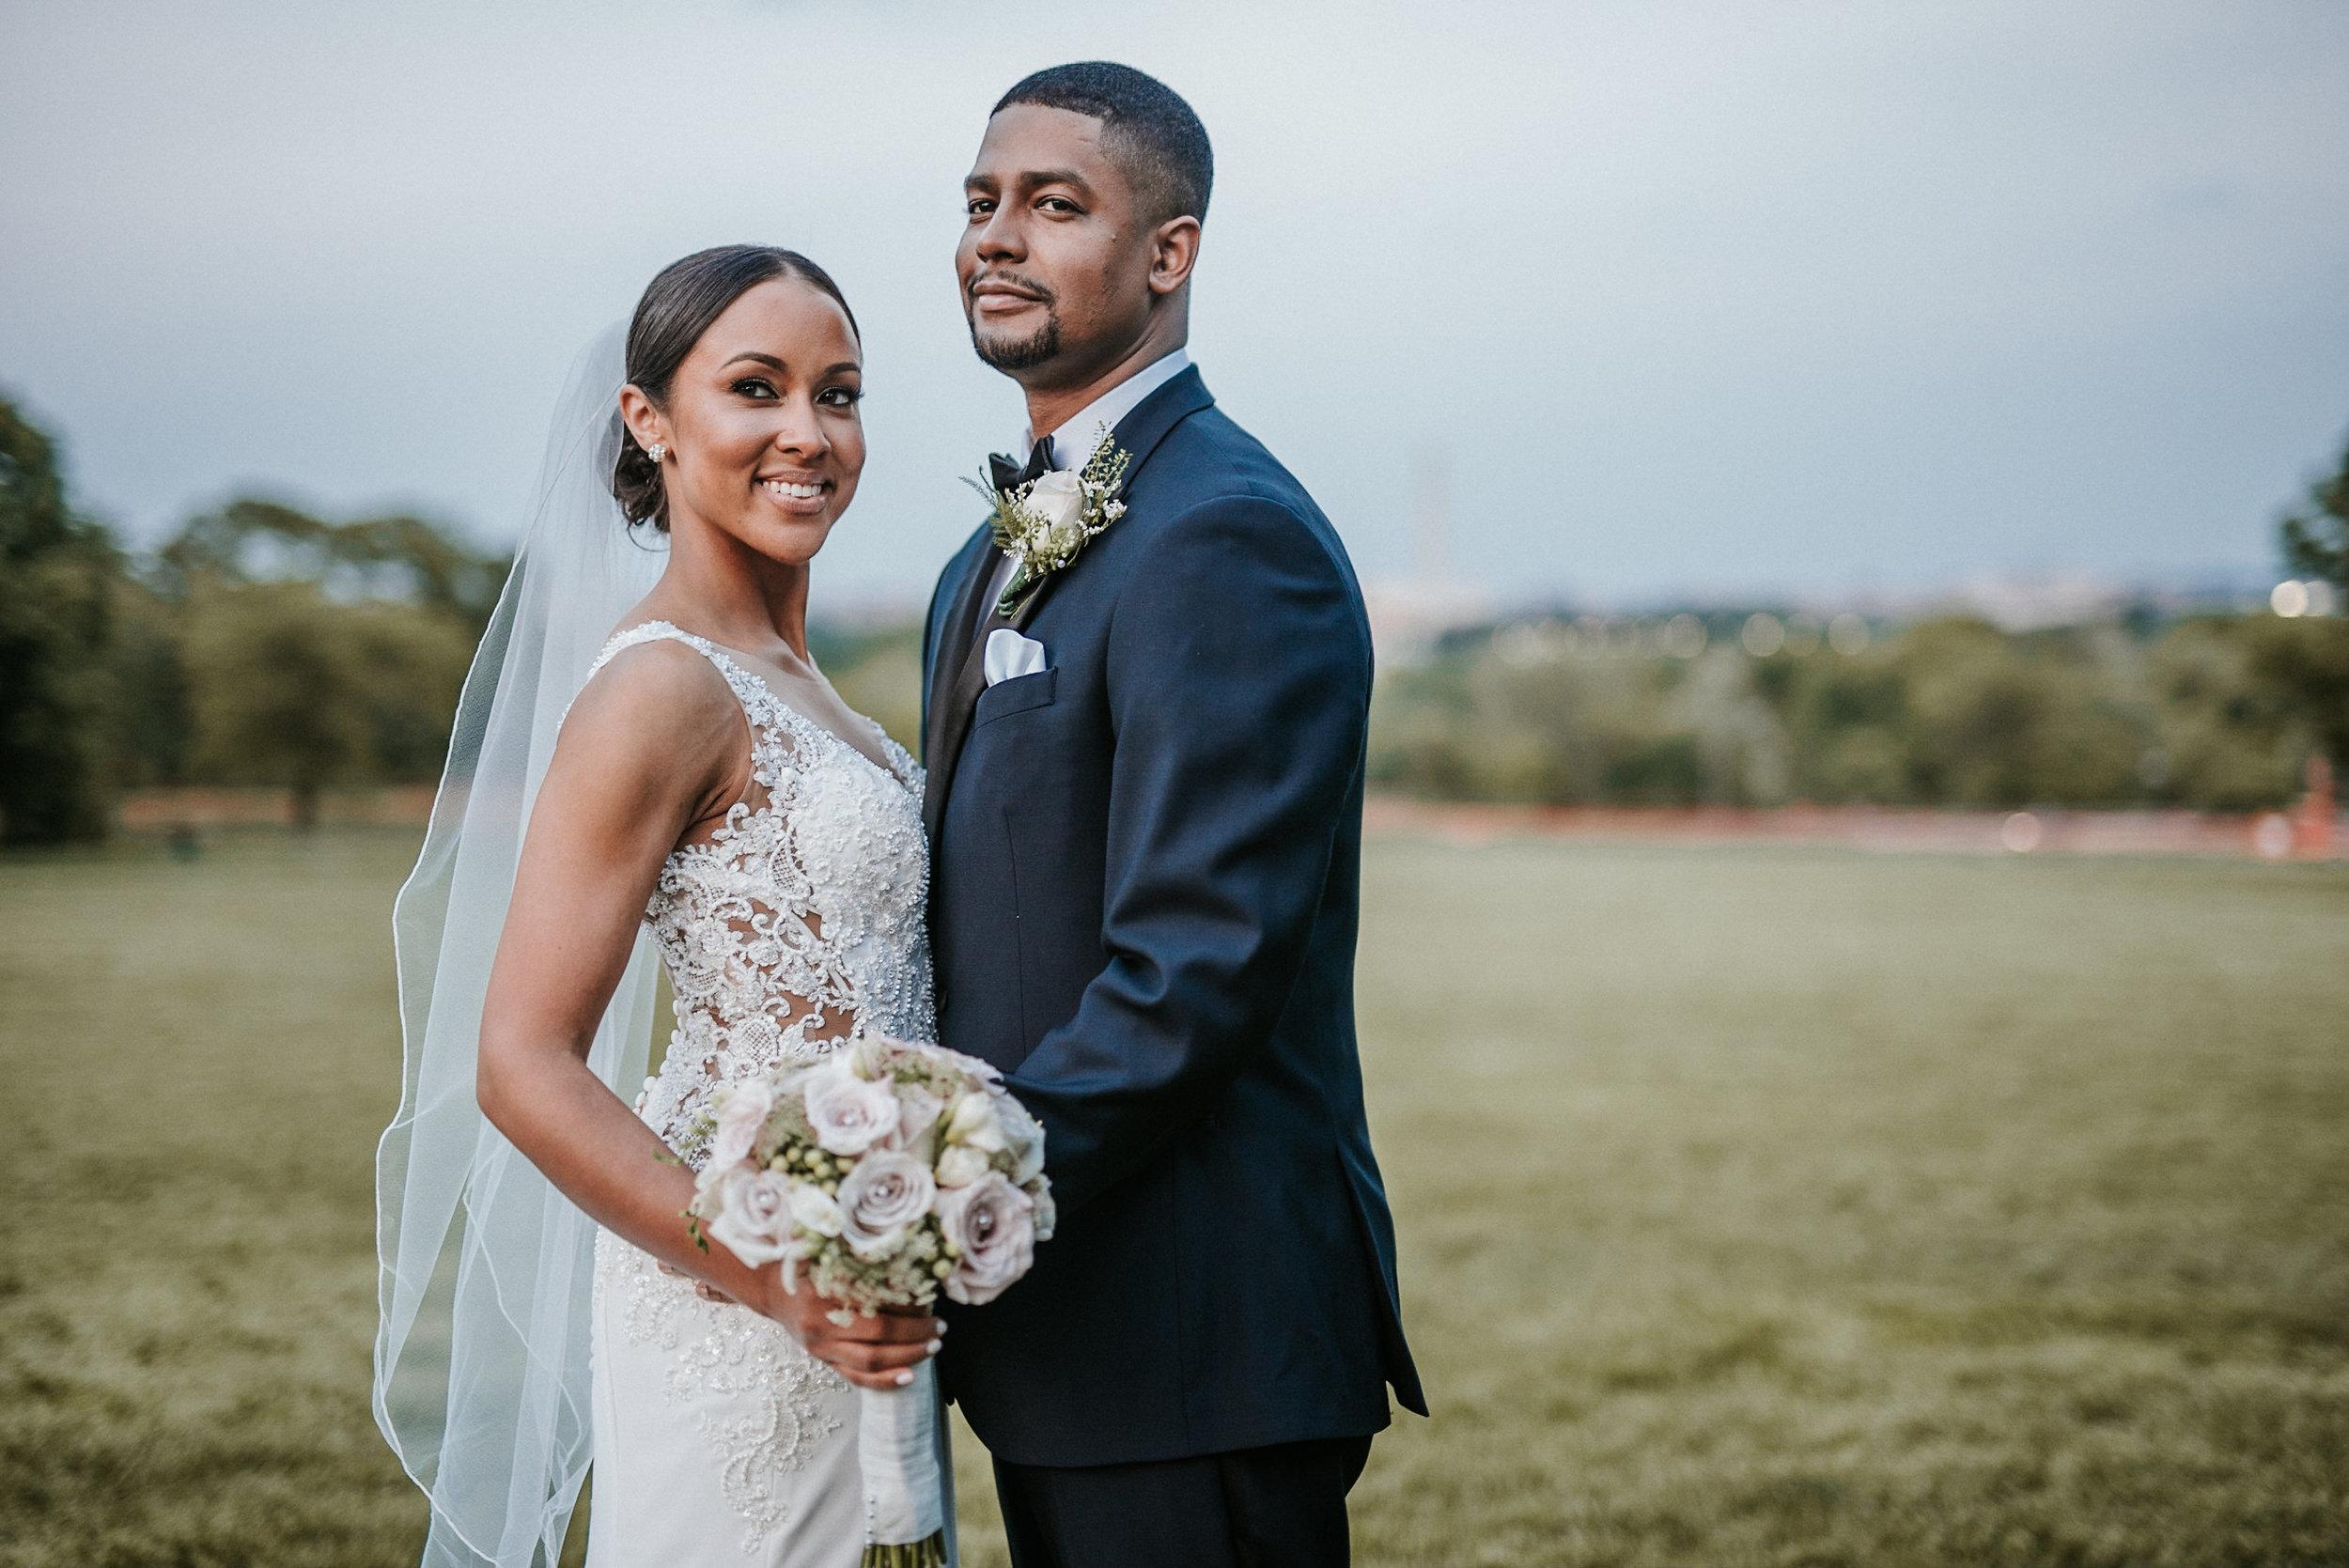 Bride and groom posing in field